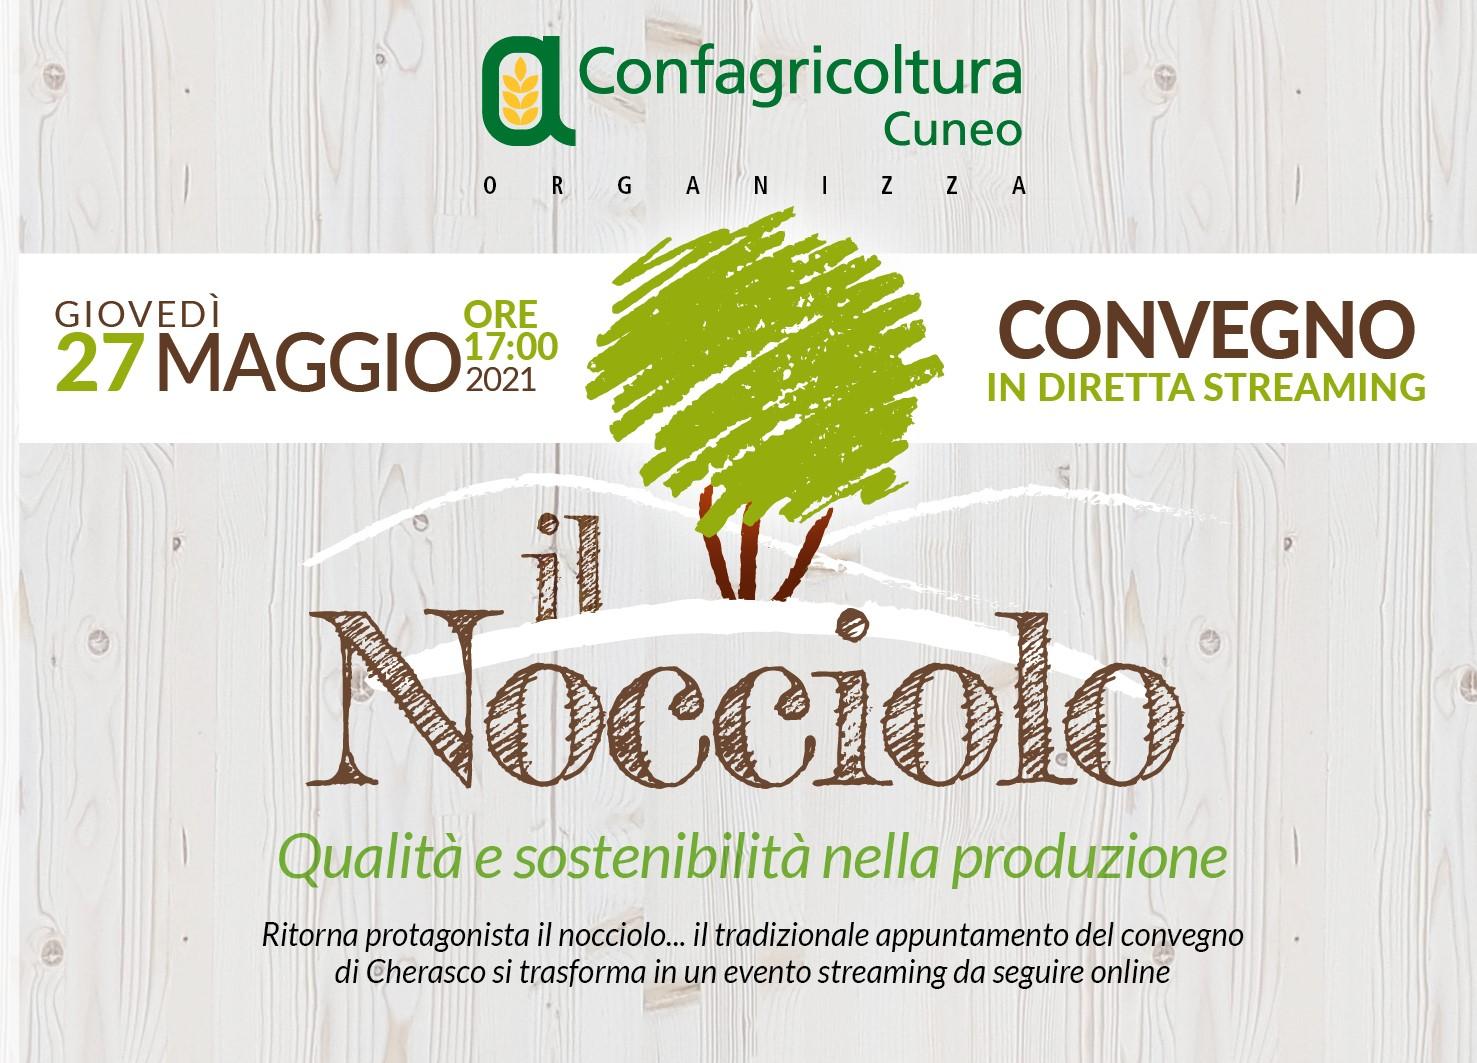 NOCCIOLO_eventbrite_2160x1080_2021